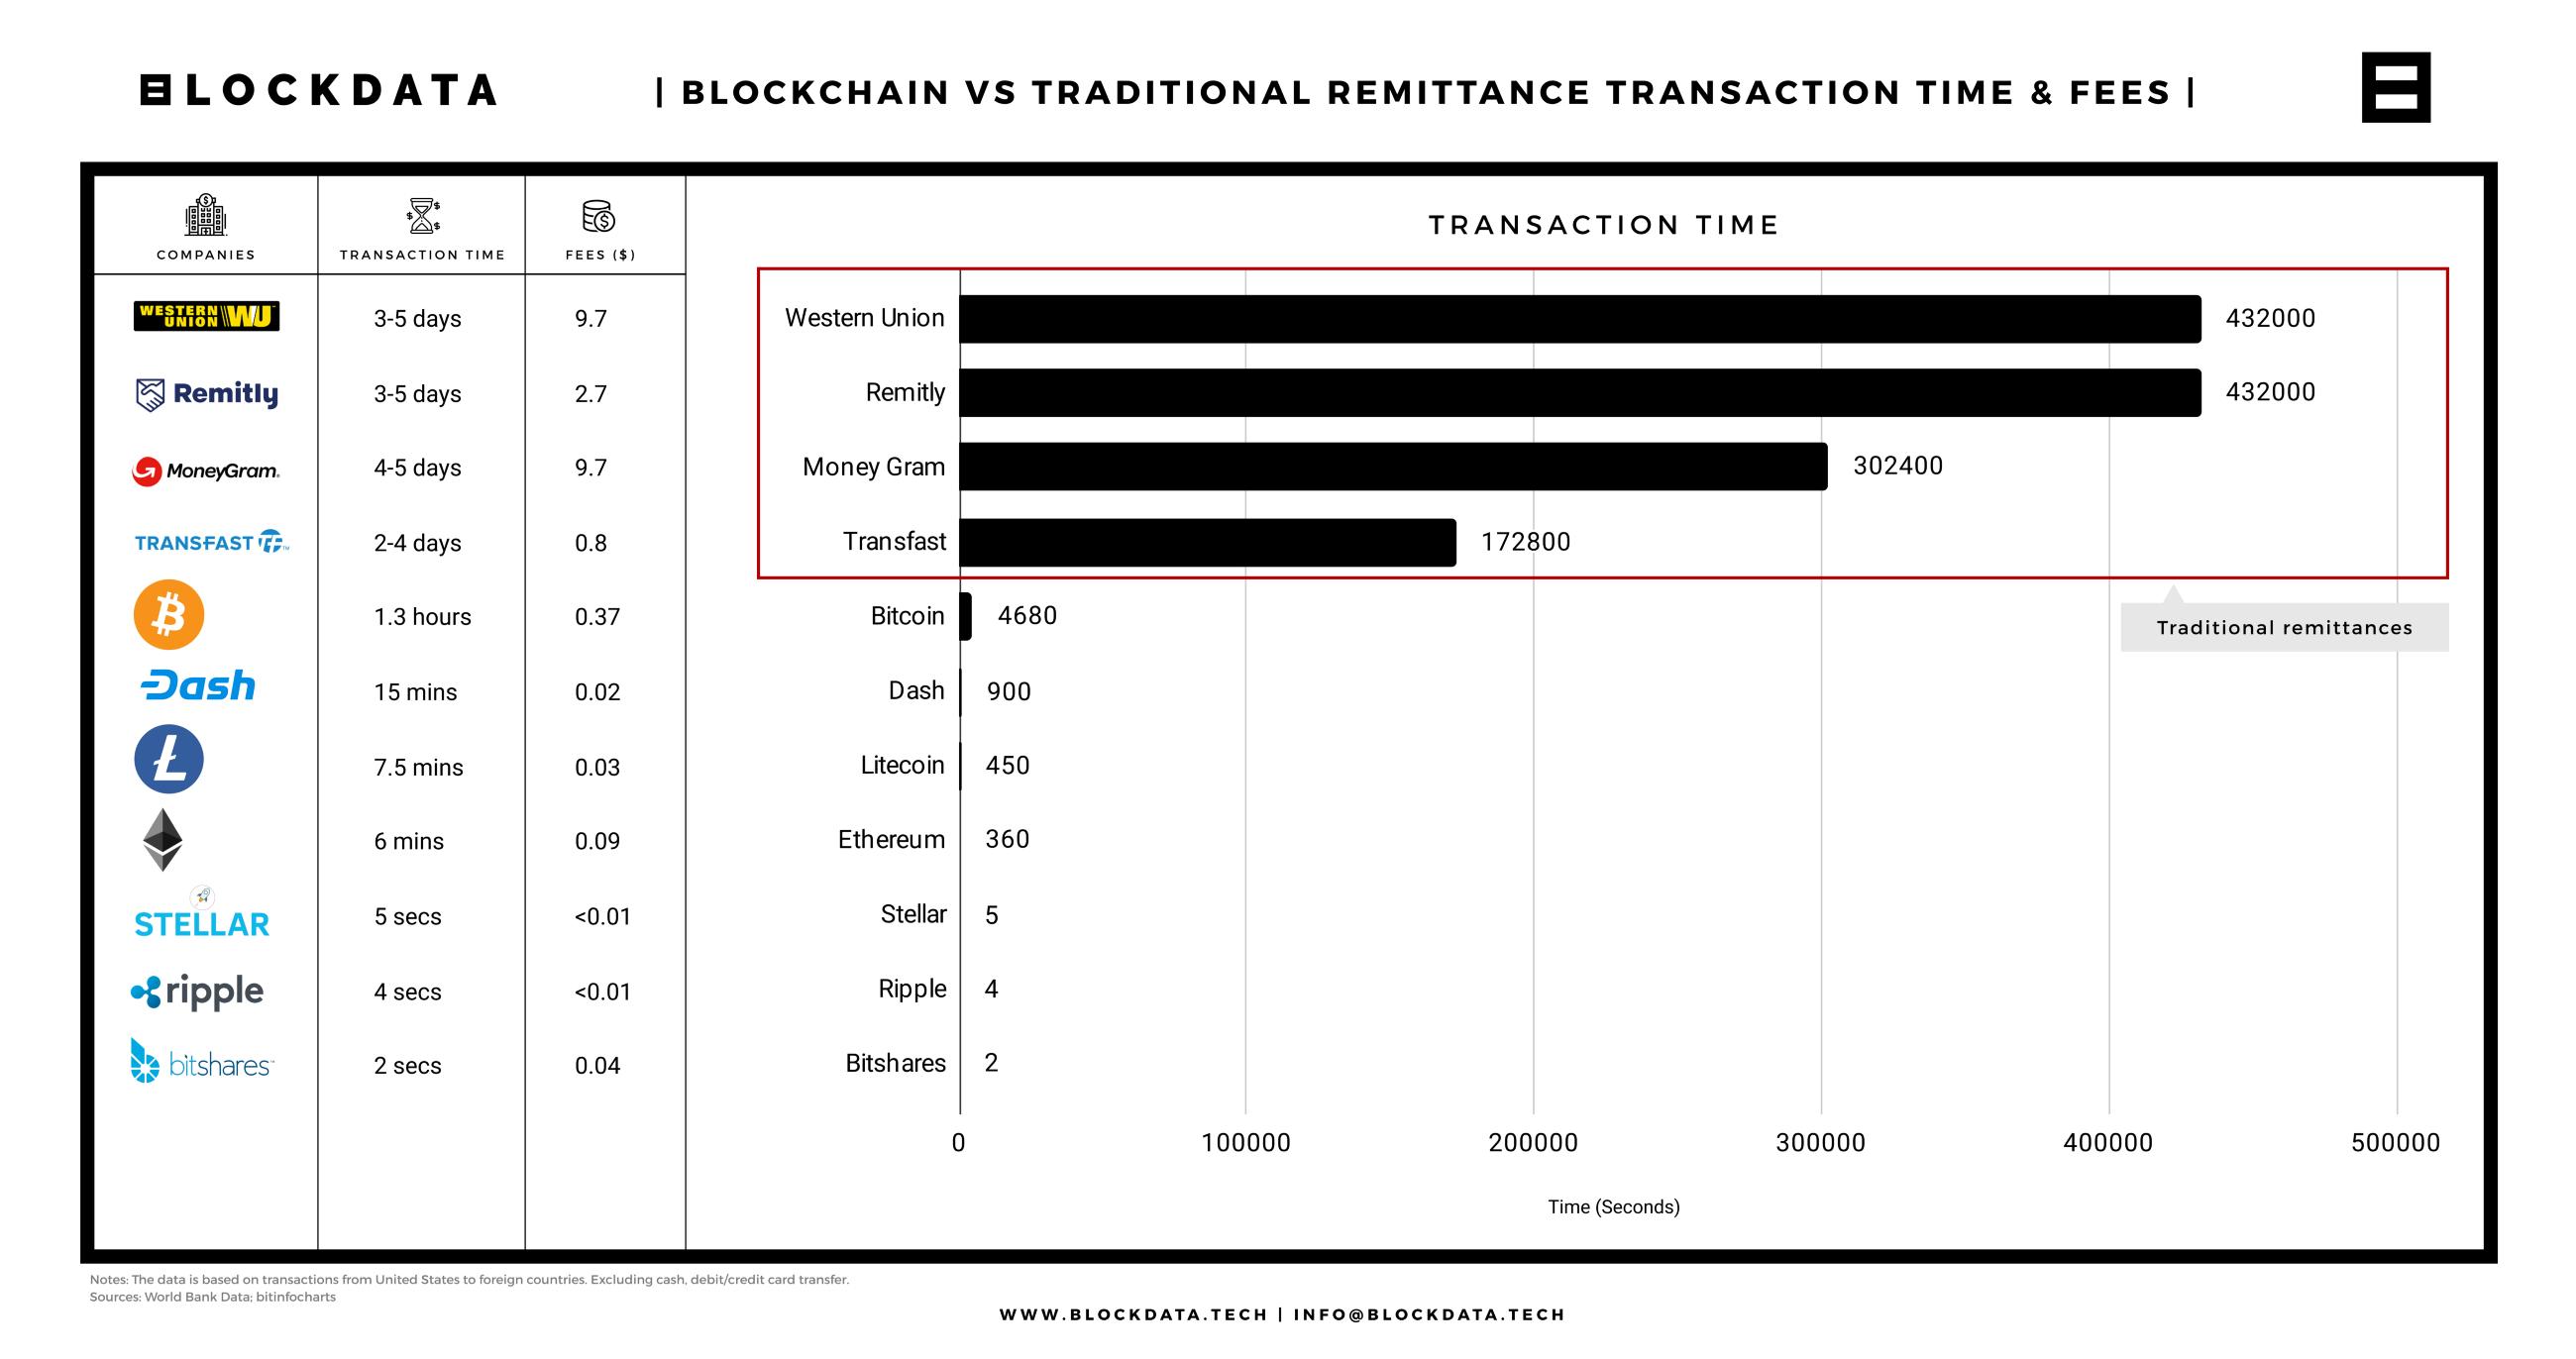 Блокчейн против традиционных способов перевода средств. Сравнение времени и размера комиссий